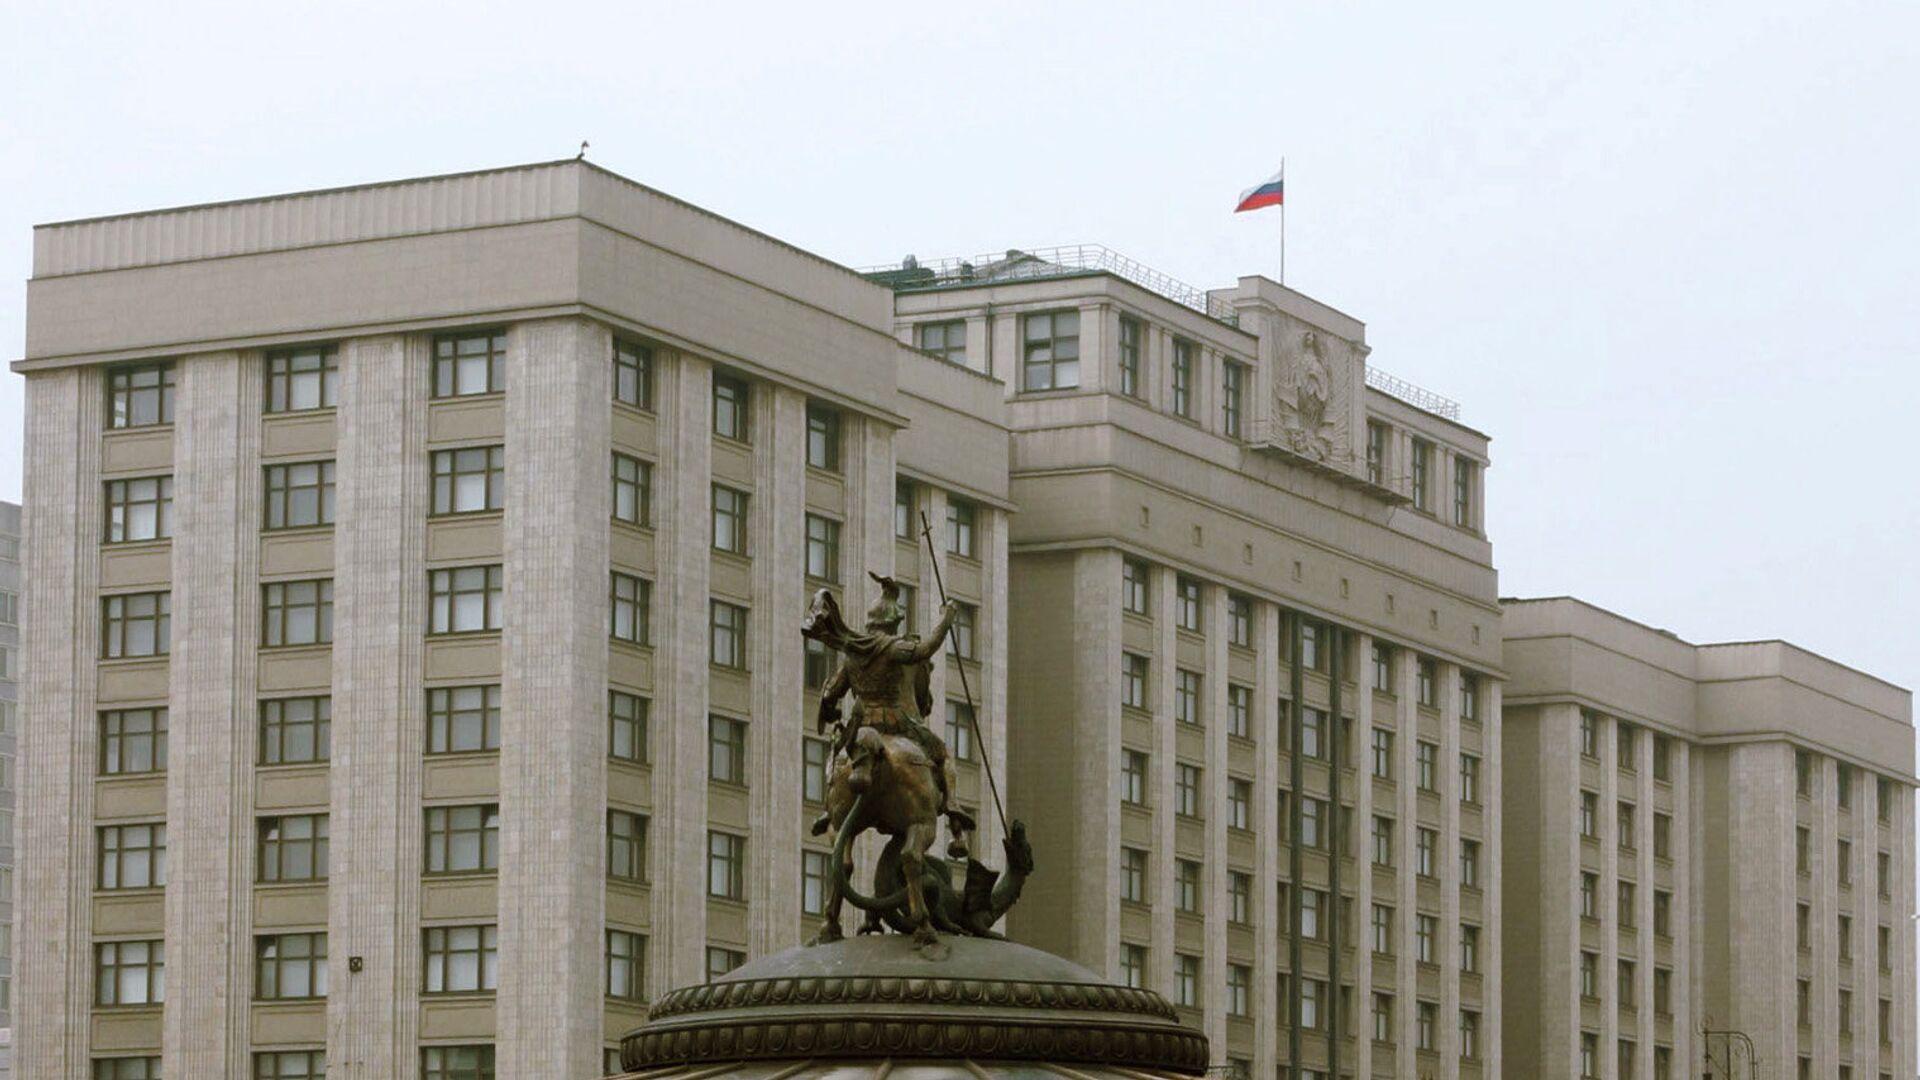 Здание Госдумы - РИА Новости, 1920, 15.01.2021